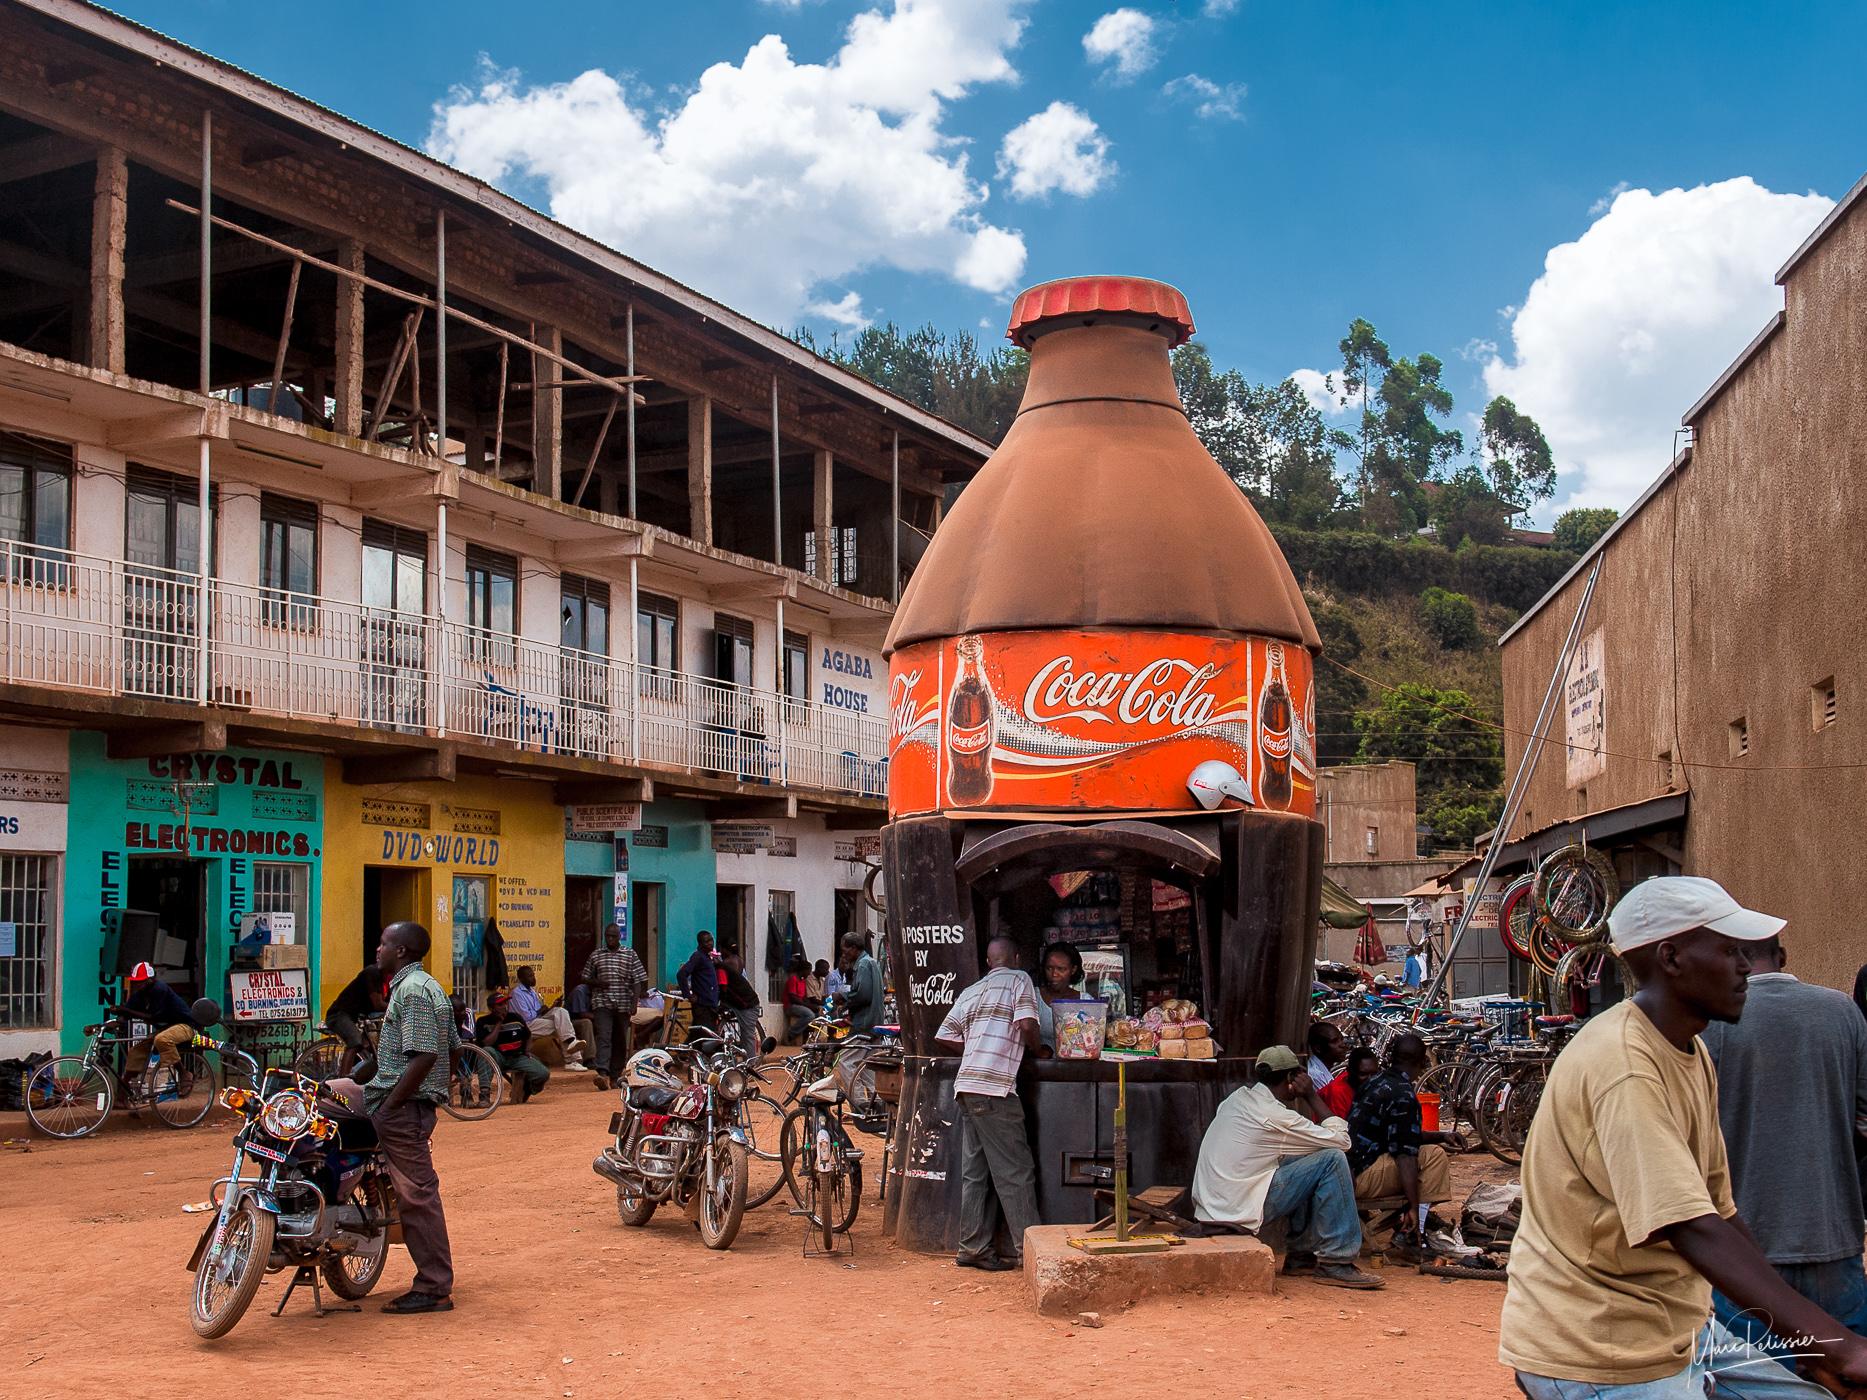 In the coca bottle, Uganda